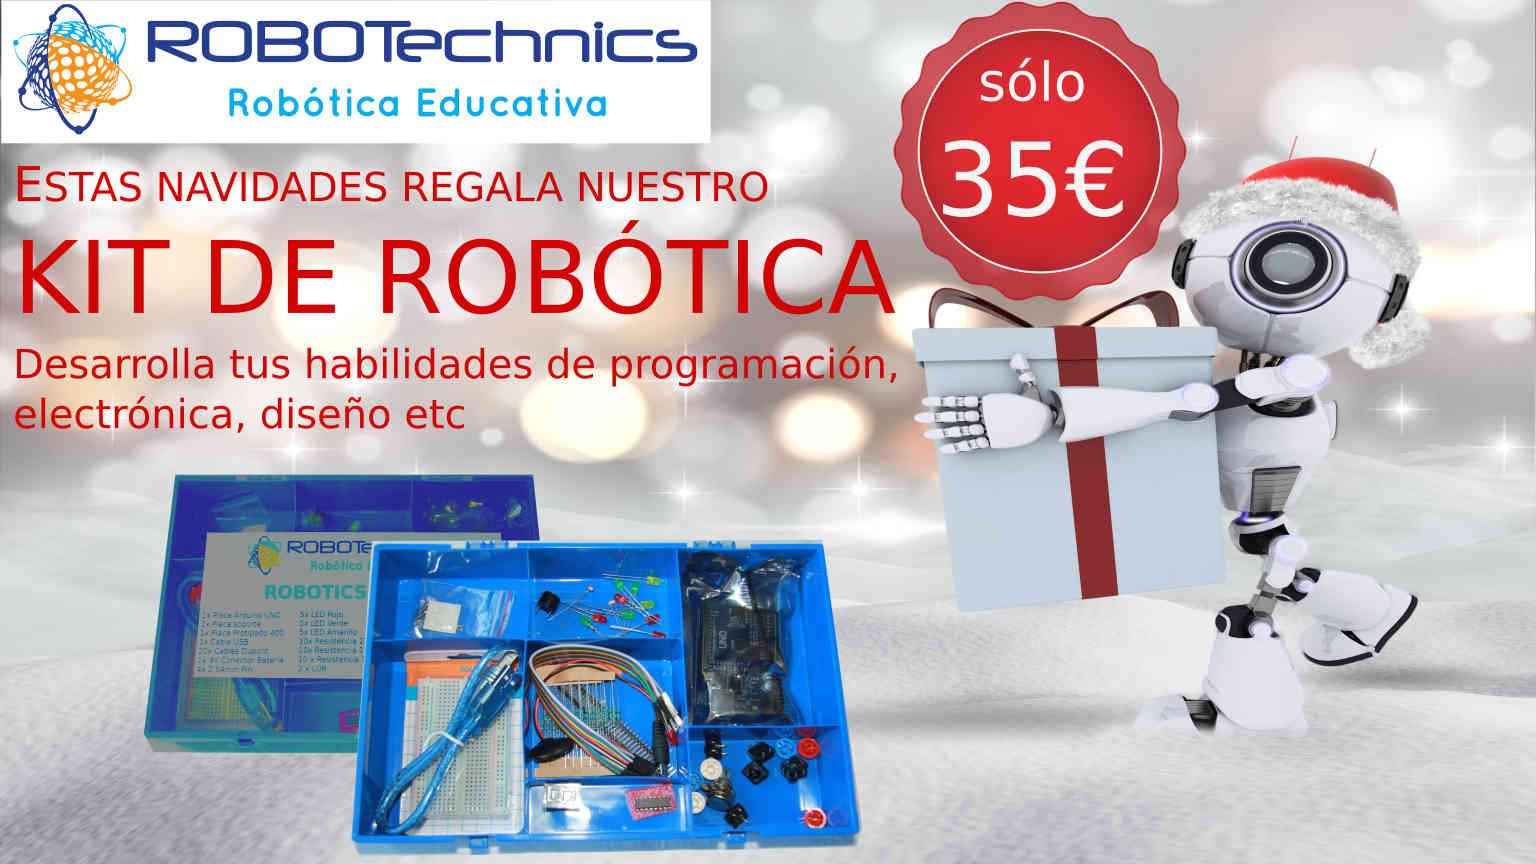 Kit de Robotica para niños